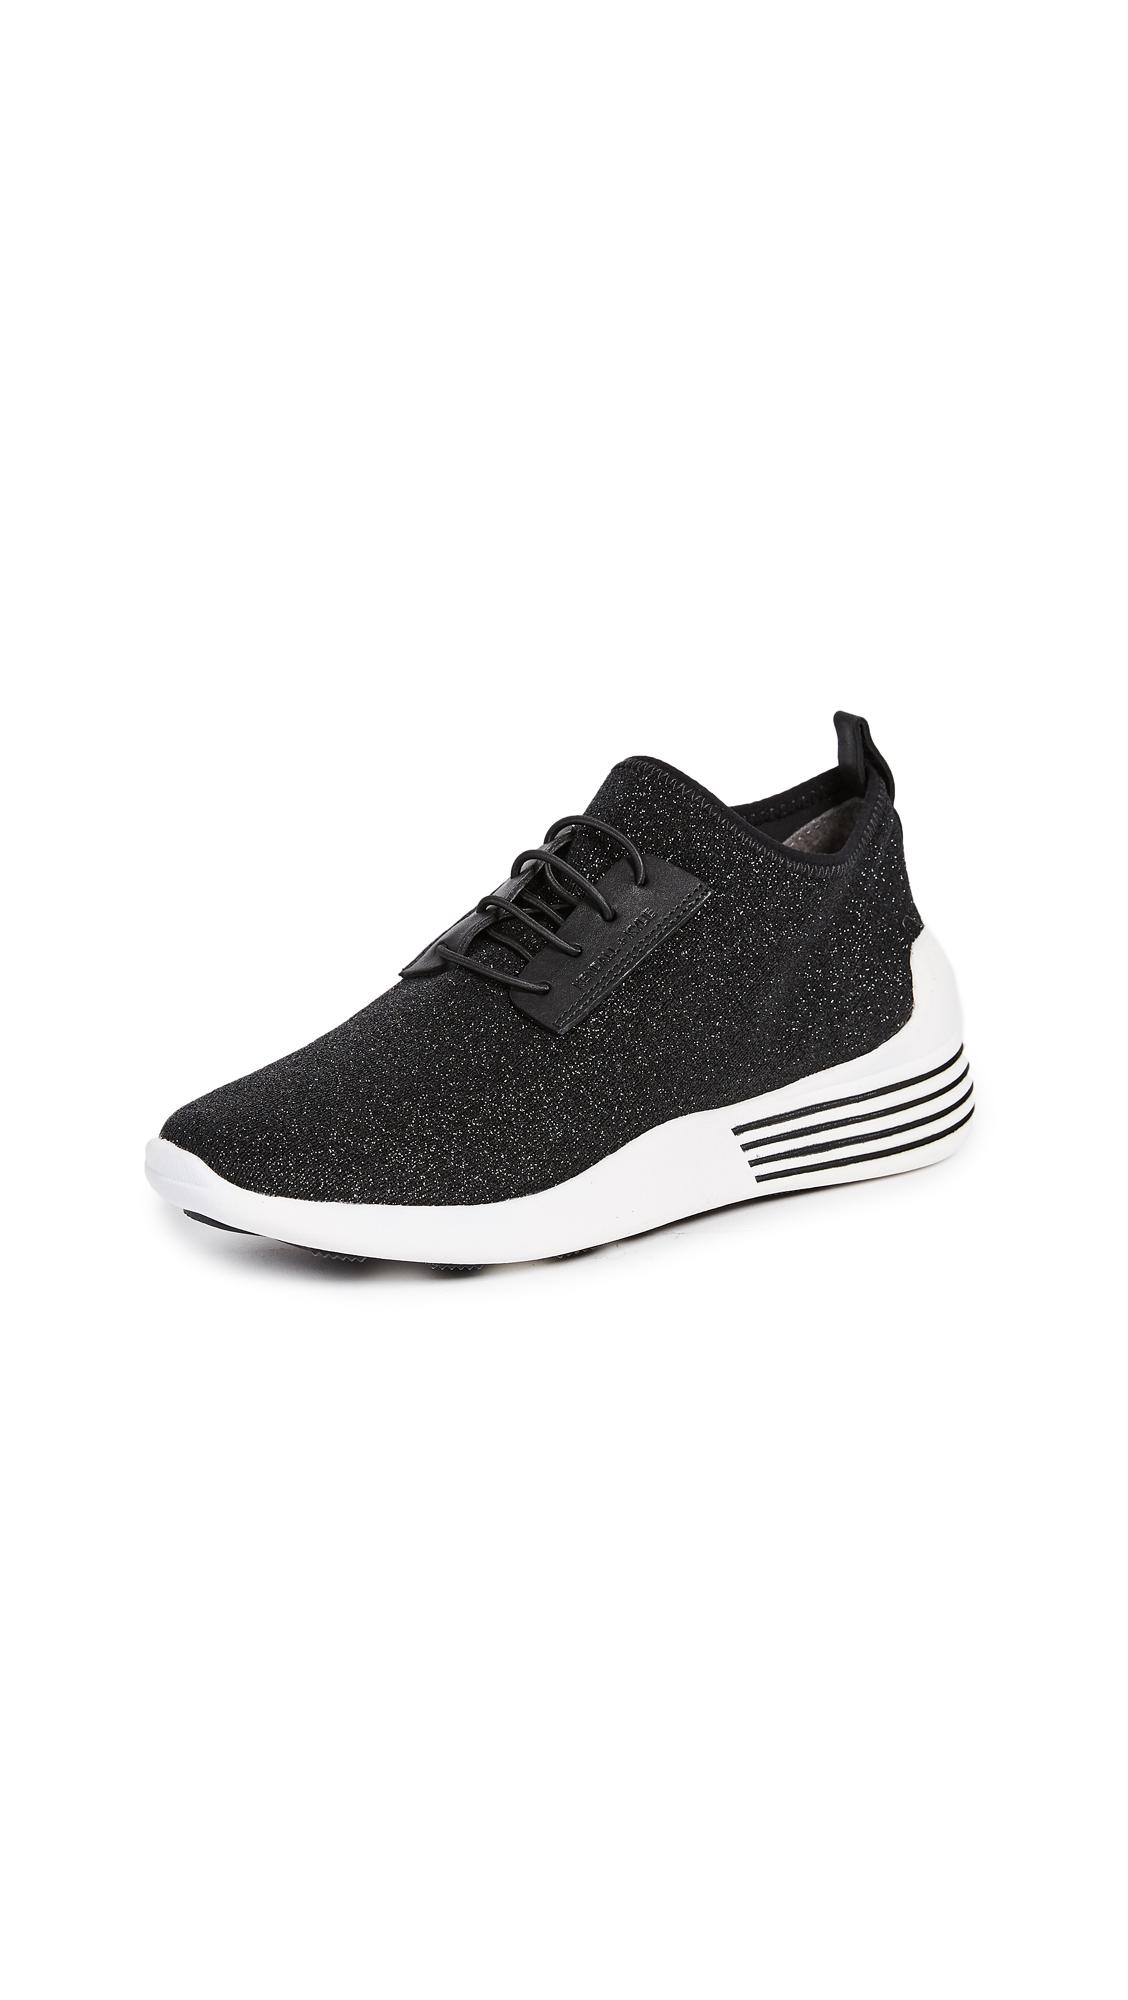 KENDALL + KYLIE Brandy Sneakers - Black/Black